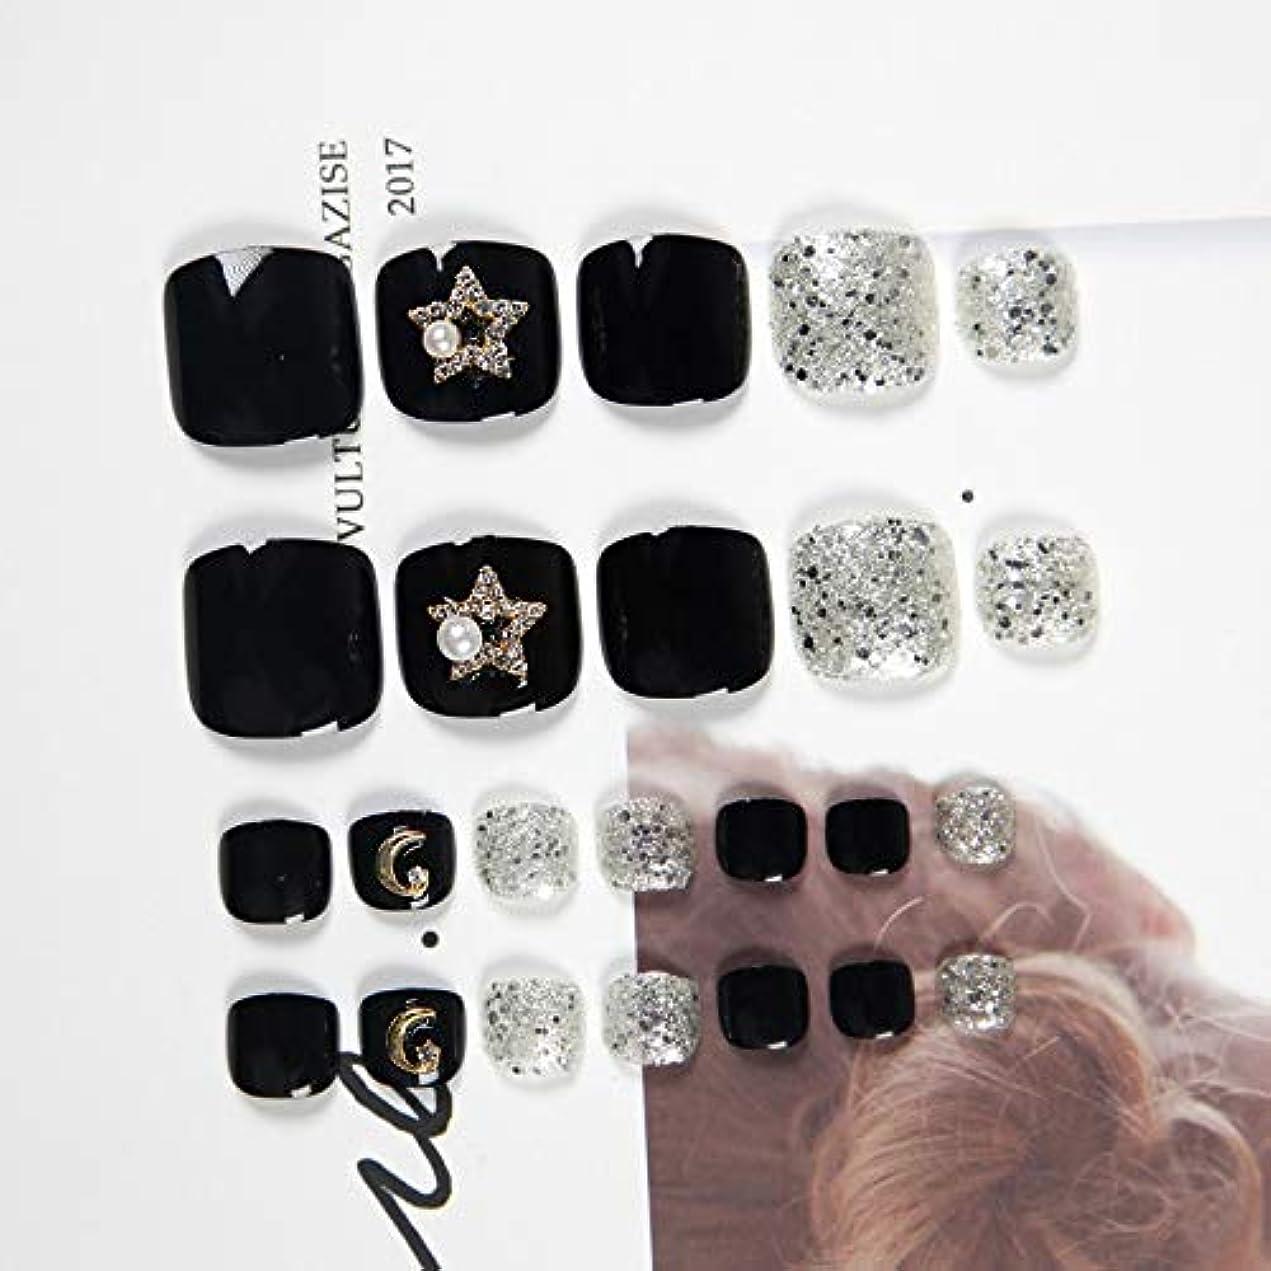 セントダーベビルのテスあたりJonathan ハンドケア 24ピースダイヤモンド偽爪キットスティレットブライダルシルバーキラキラクリスタルフルカバーと接着剤偽爪